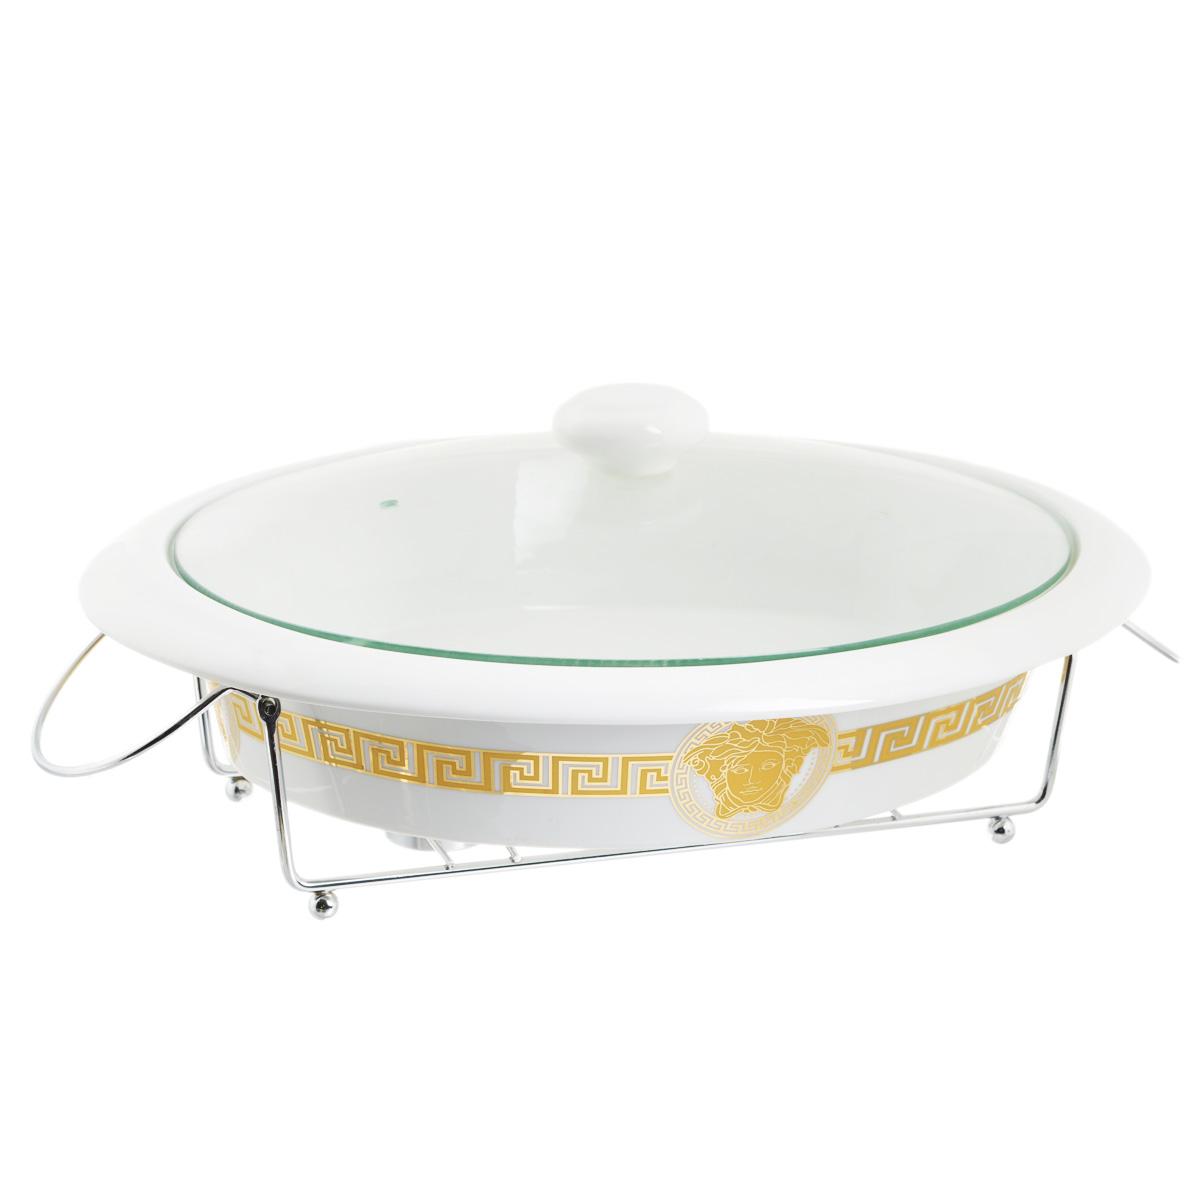 Супница Mayer & Boch с крышкой, на подставке, 2,3 л. 2421924219Супница Mayer & Boch, изготовленная из жаропрочной керамики, подходит для любого вида пищи. Изделие декорировано оригинальным орнаментом. В комплект входит стеклянная крышка и металлическая подставка с местом для 2 свечей. Изделие идеально подходит для приготовления пищи, разогрева блюд и подачи на стол. Материал не содержит свинца и кадмия. С такой супницей вы всегда сможете порадовать своих близких оригинальным блюдом. Форму можно использовать в духовке и холодильнике. Можно мыть в посудомоечной машине. Размер супницы (с учетом ручек): 38,5 см х 29,5 см. Высота стенок: 7 см. Размер подставки: 33 см х 26 см х 9 см. Объем: 2,3 л.